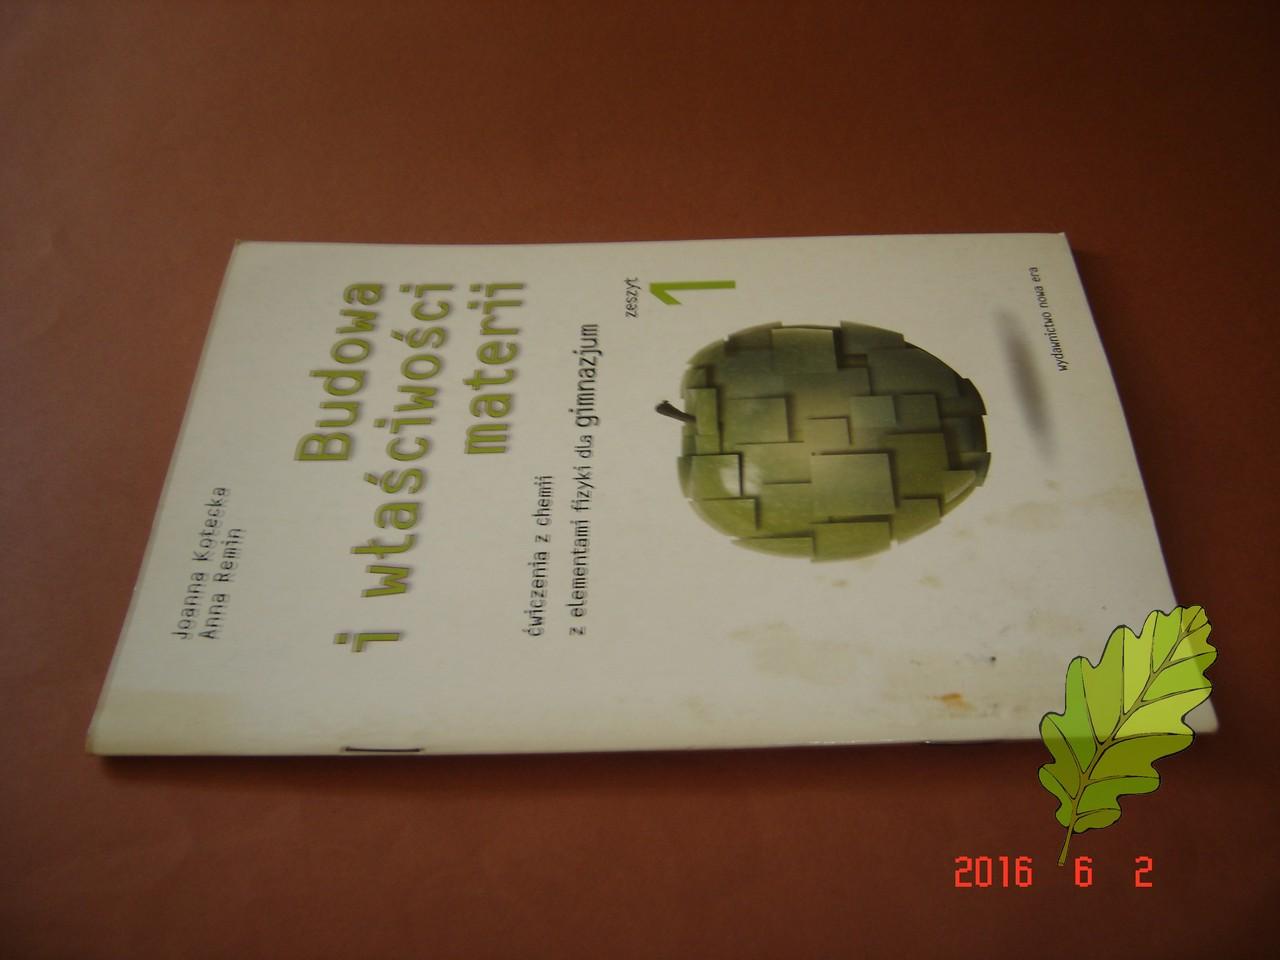 Budowa I Wlasciwosci Materii Cwiczenia Kotecka 6968362498